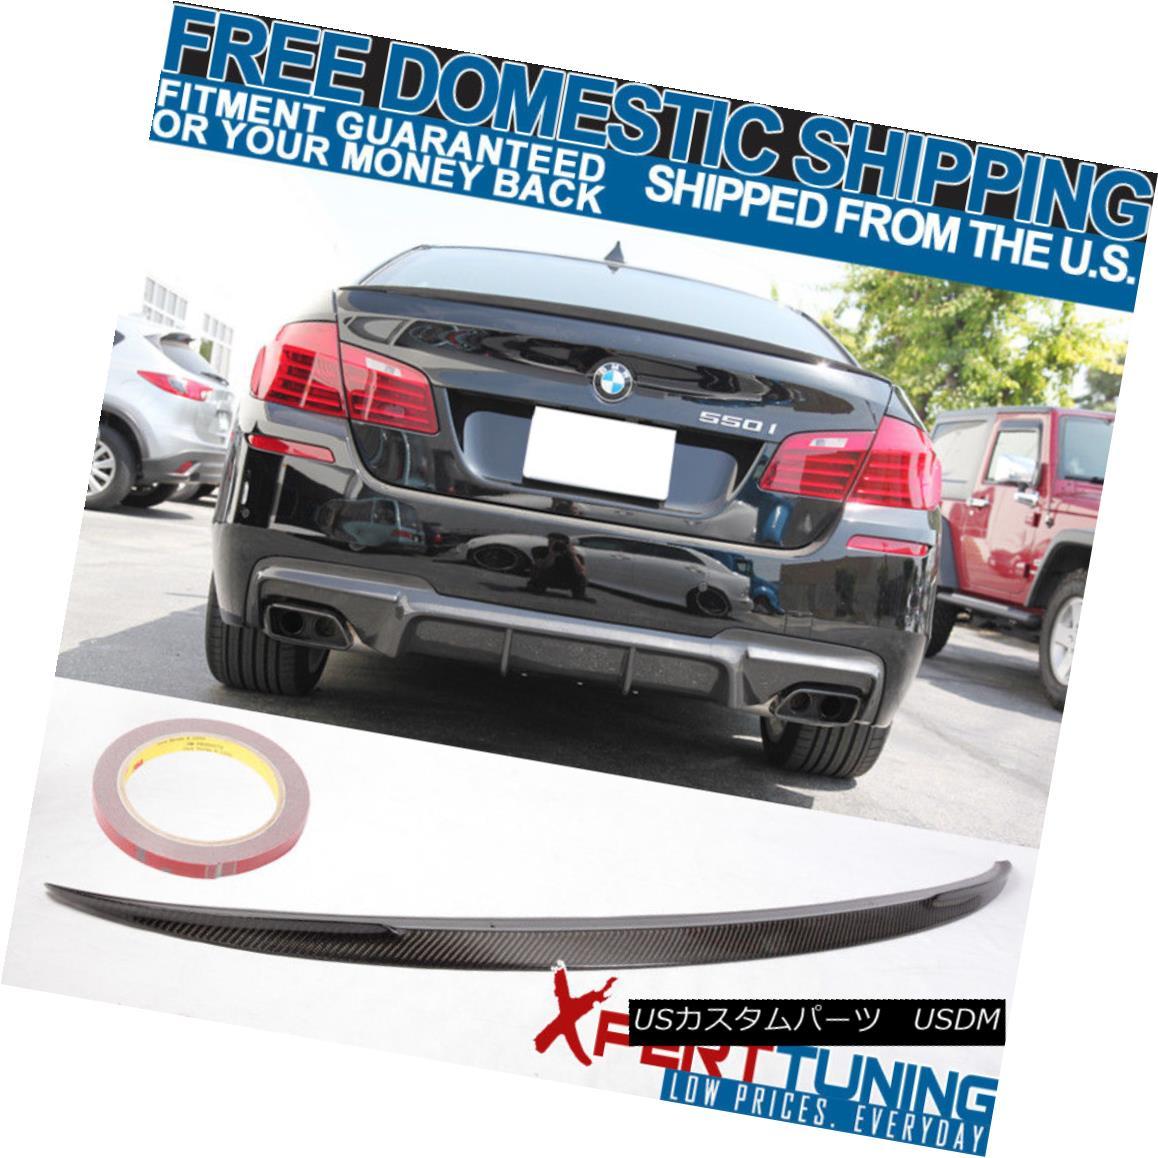 エアロパーツ For 11-16 BMW F10 5-Series 4D Sedan Carbon Fiber Rear Trunk Spoiler Wing CF Lid 11-16 BMW F10 5シリーズ4DセダンカーボンファイバーリアトランクスポイラーウイングCF蓋